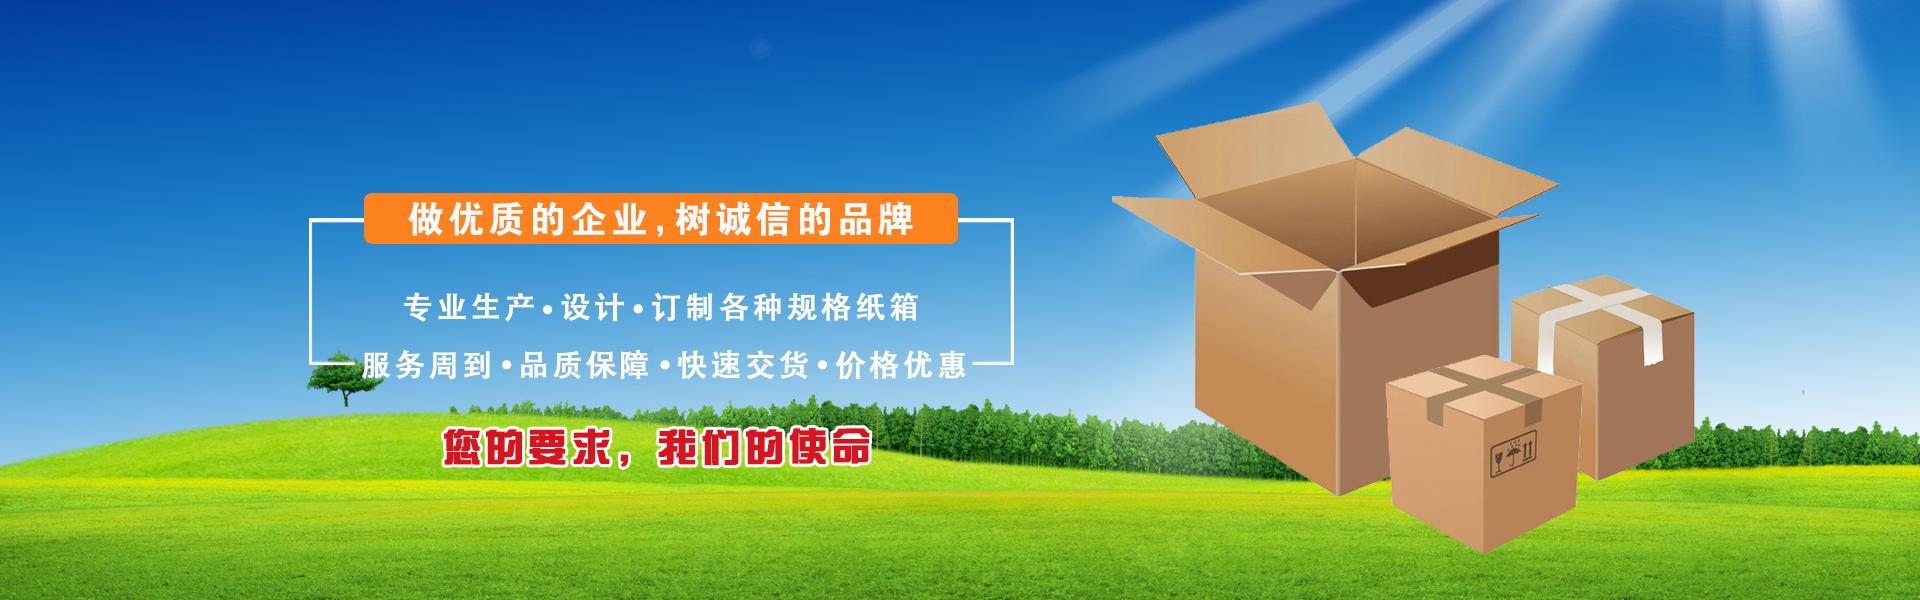 惠州纸箱,惠州纸箱厂,惠州包装箱,惠州外包装箱,惠州市华联纸品包装有限公司